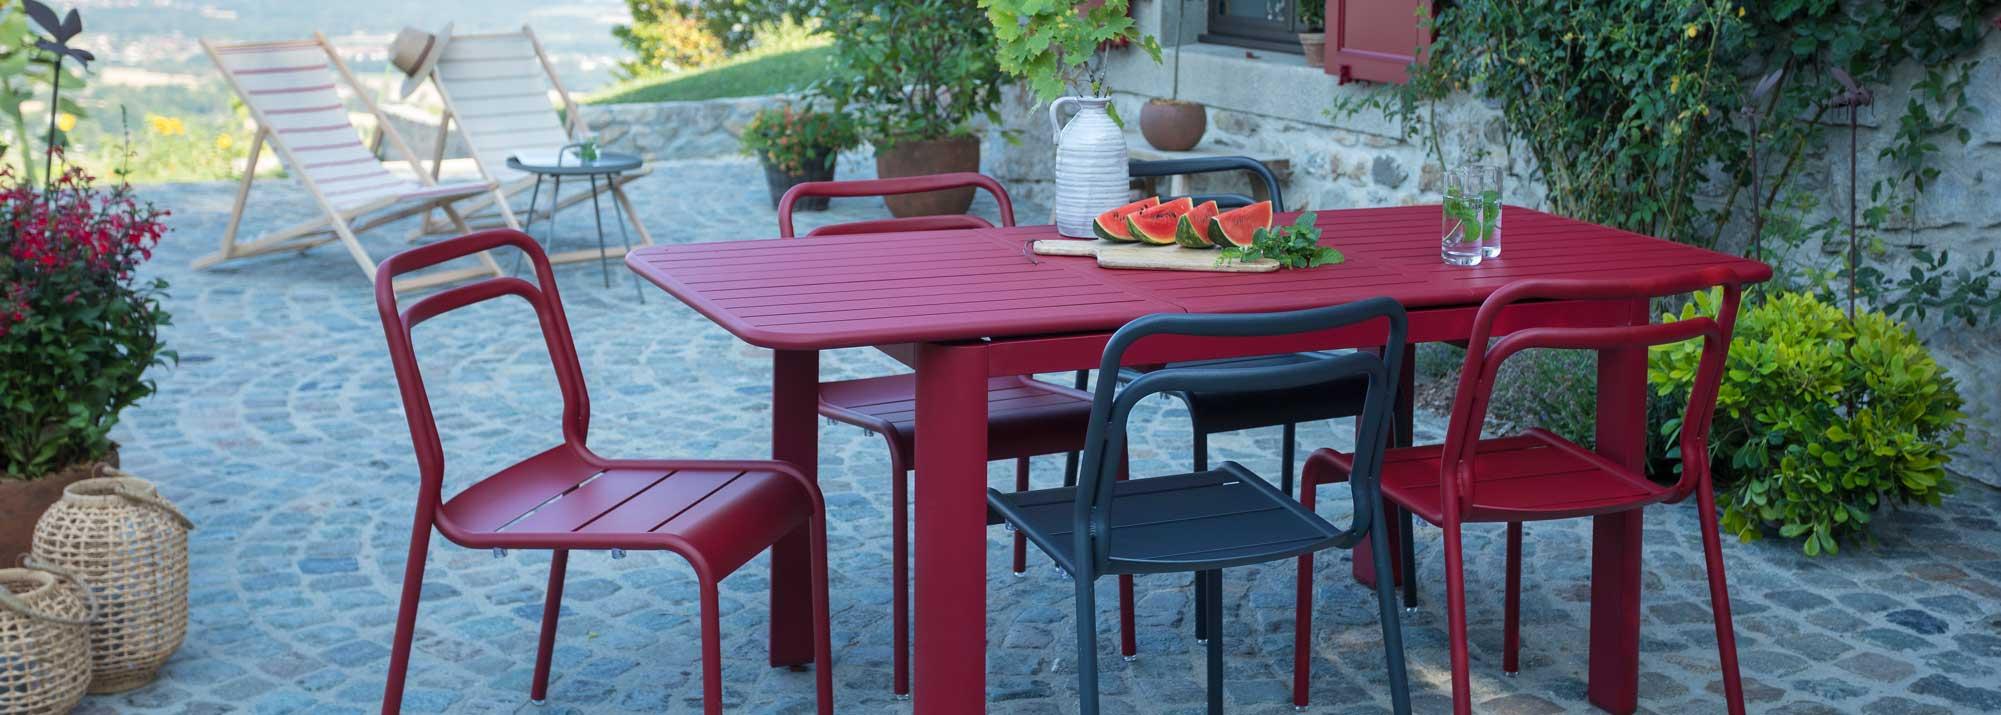 Table De Jardin : Botanic®, Tables De Jardin En Aluminium ... tout Table Et Chaise De Jardin Pas Cher En Plastique